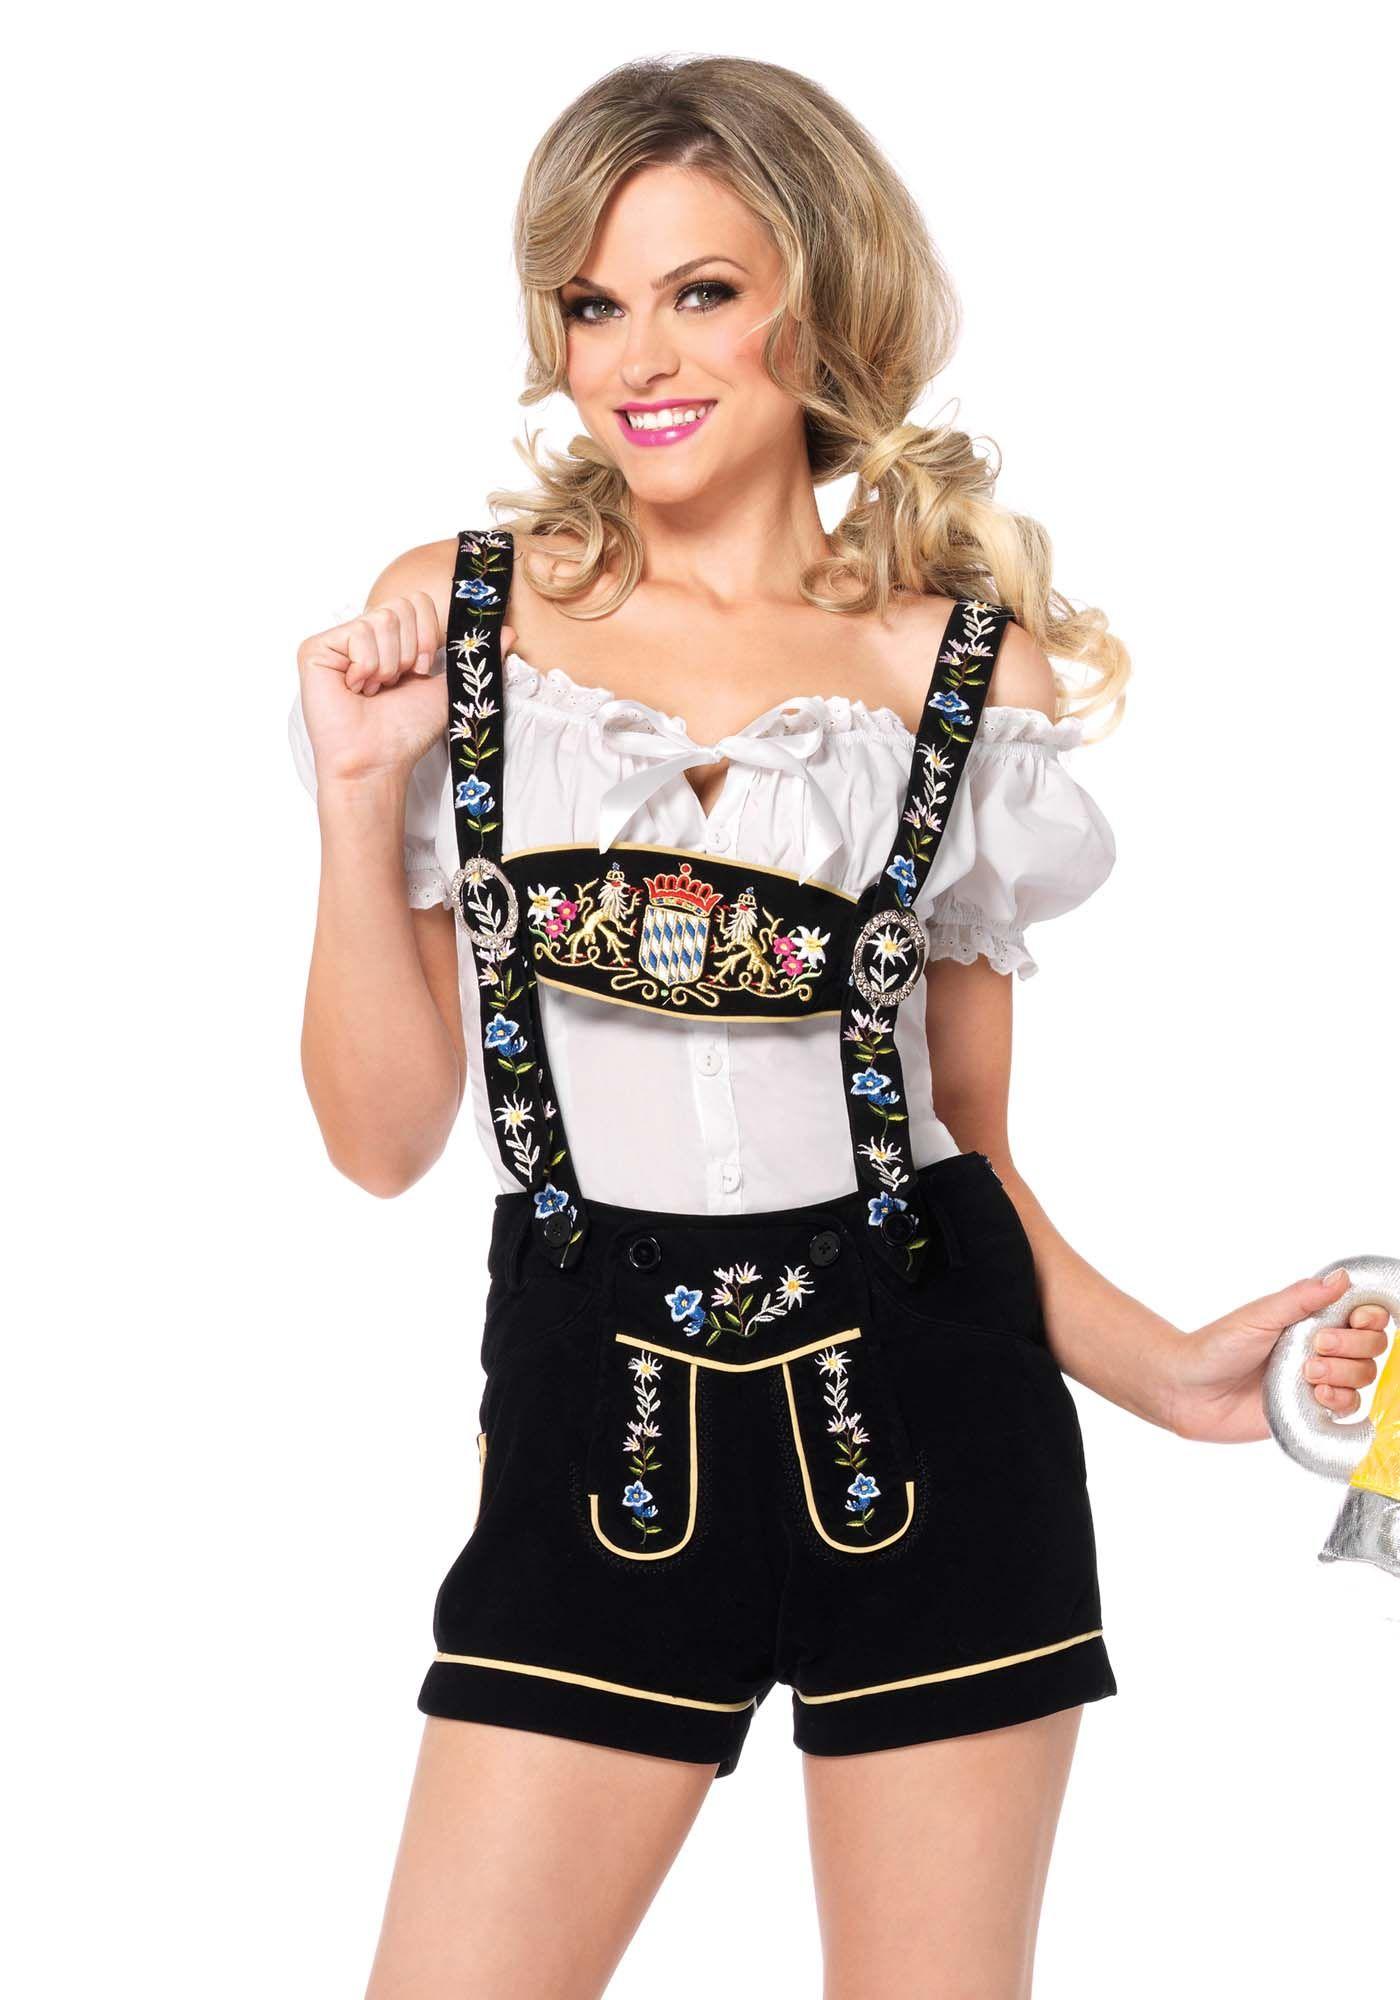 Per la tua festa della Birra indossa questo splendido abito tirolese composto da maglietta bianca con scollo a barca e salopette dcorta con ricami floreali...sarai una perfetta cameriera bavarese!